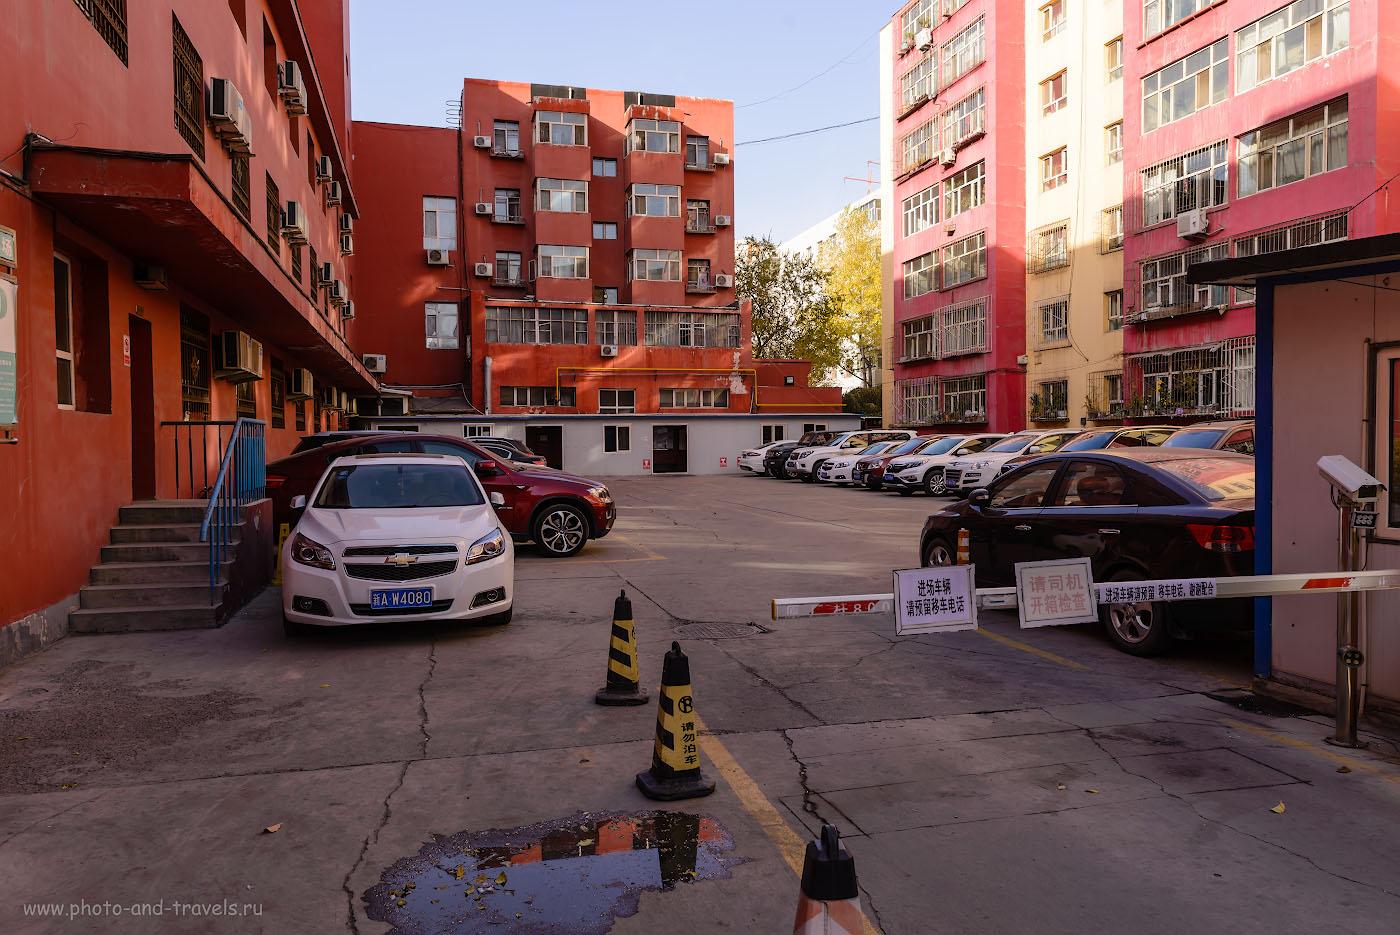 Фотография 12. Хостел «Ziyou International Youth Hostel» находится в каком-то общежитии, вывески нет. Нужно зайти в дверь справа и подняться на второй этаж. Где поселиться в Урумчи? Отчет о поездке в Синьцзян-Уйгурский автономный район Китая самостоятельно. 1/125, -1.0, 8.0, 100, 24.